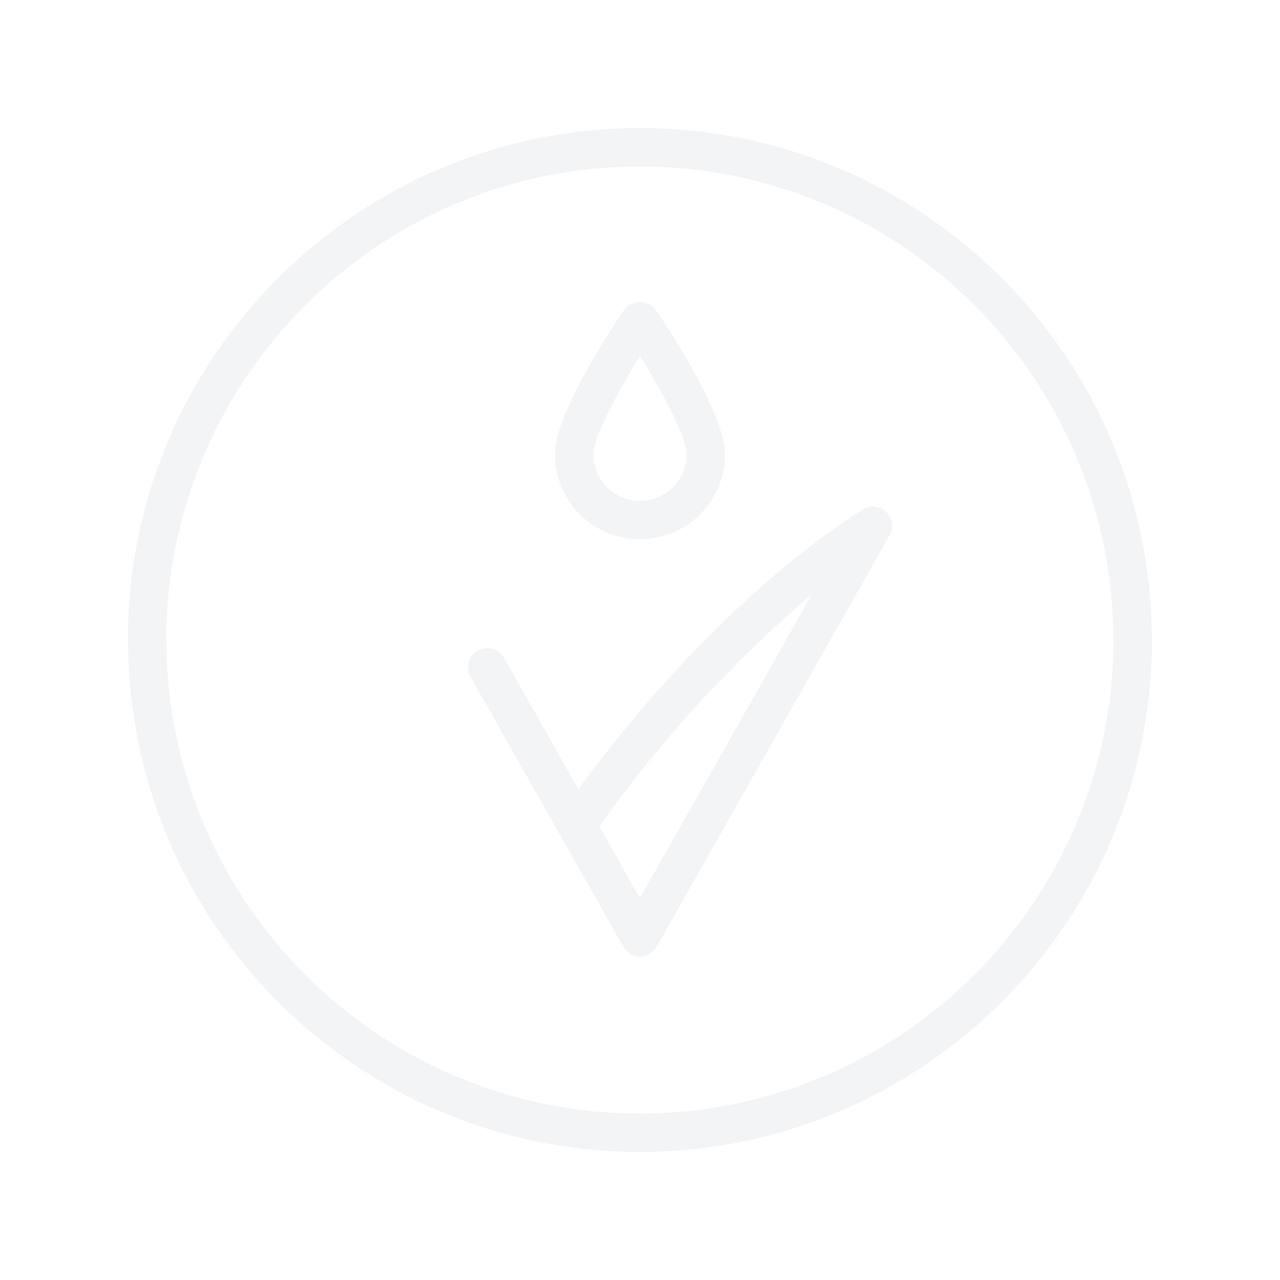 JUVENA Skin Rejuvenate Lifting Day Cream 50ml